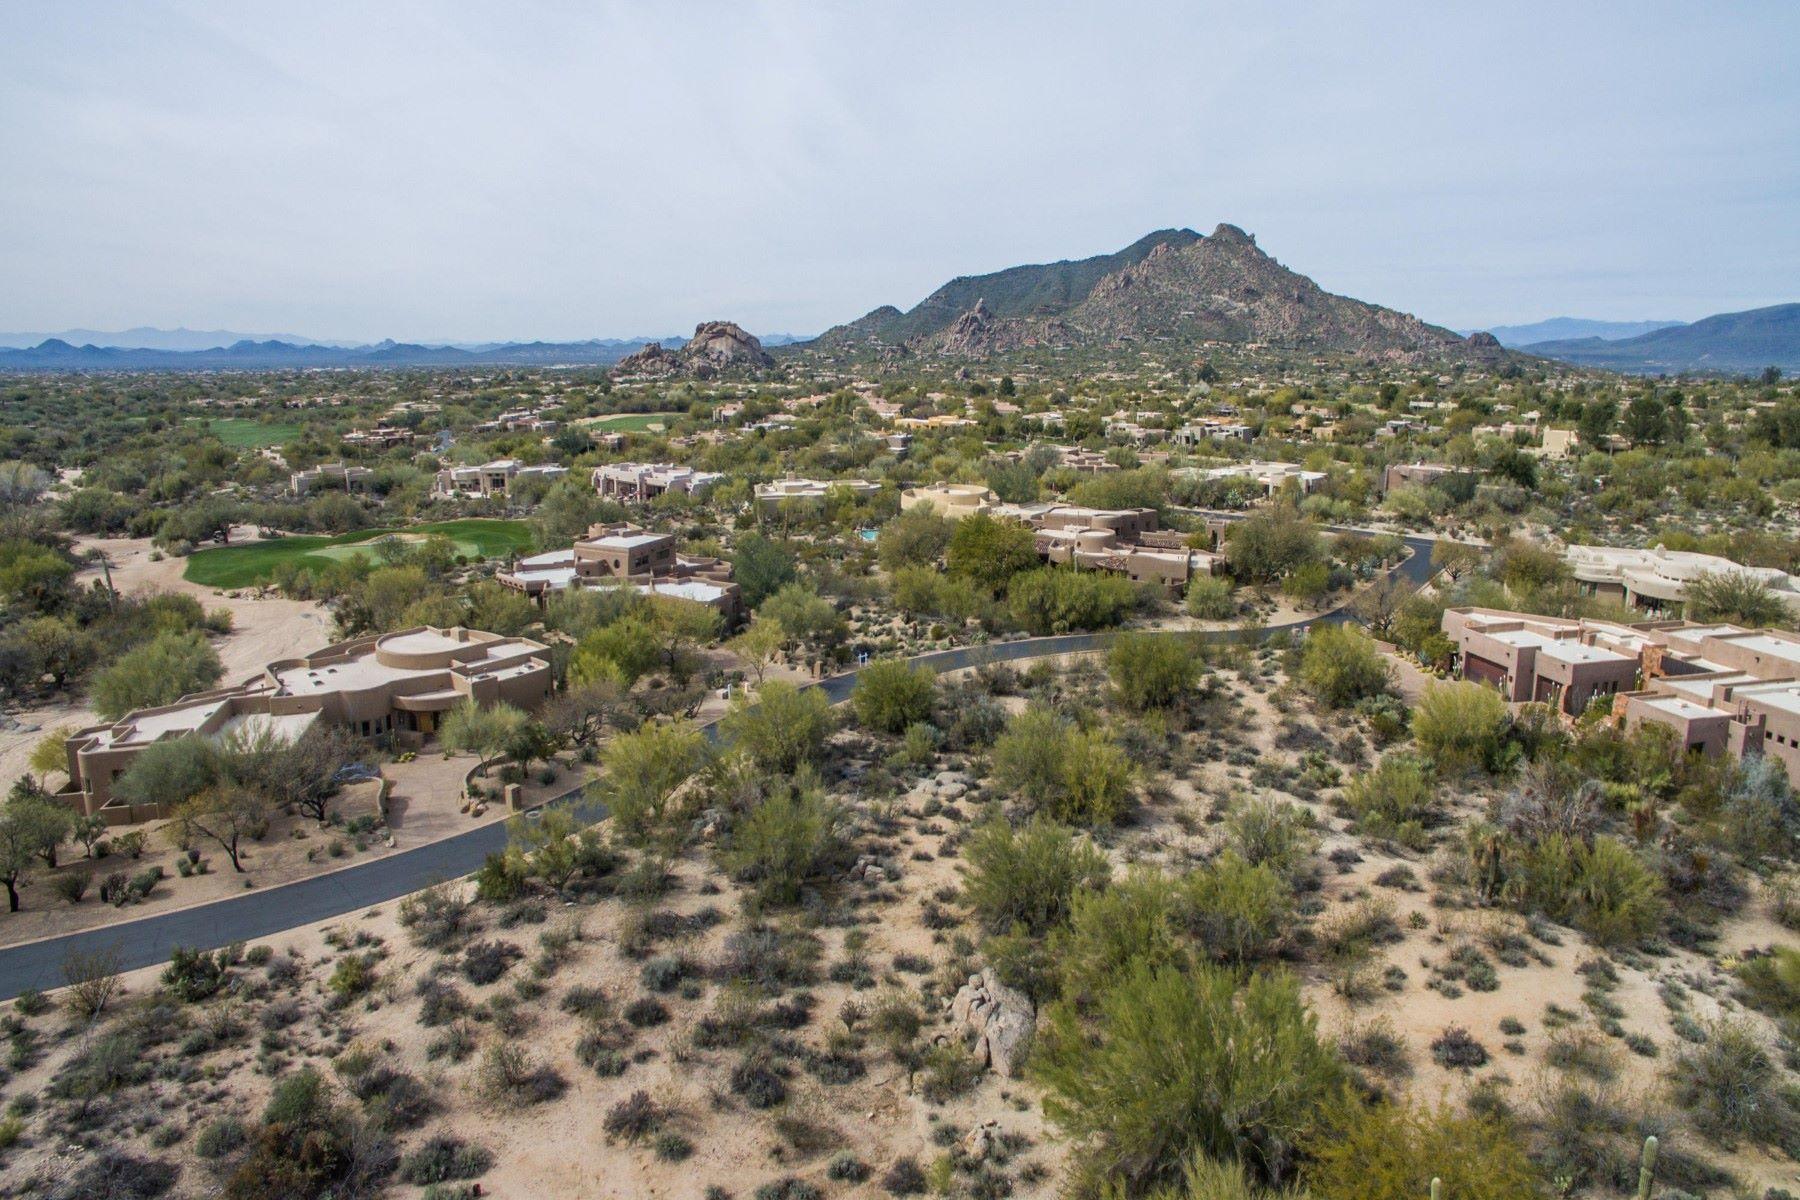 Terreno por un Venta en Perfect 1.3 acre lot in The Boulders community 34745 N 79th Way #20 Scottsdale, Arizona, 85266 Estados Unidos